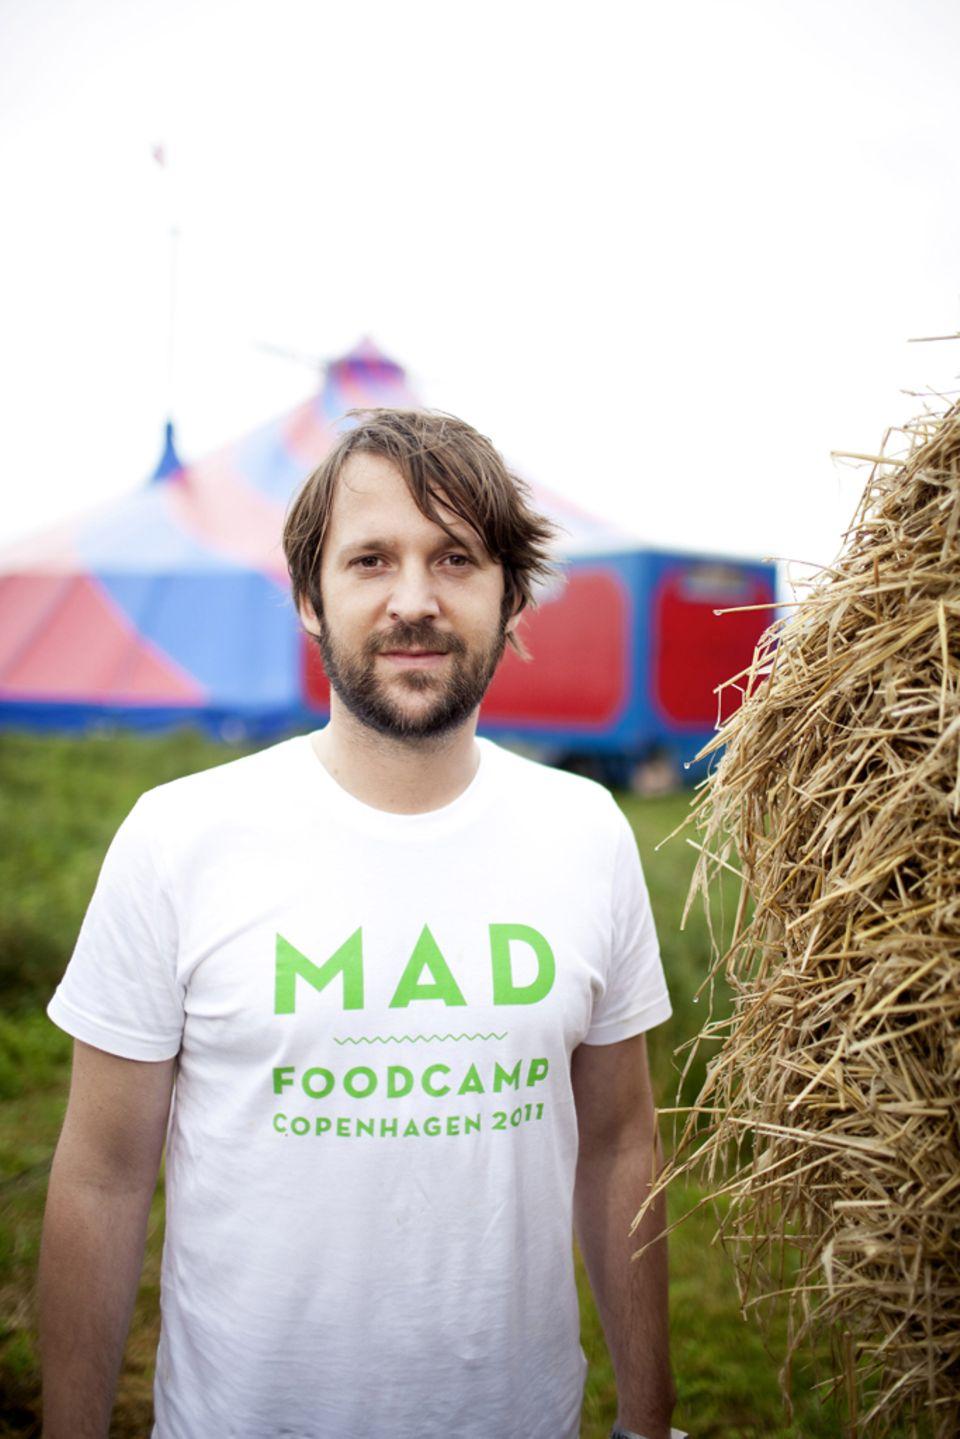 René Redzepi ist Teil des MAD Foodcamp Komitees und referierte im Symposium